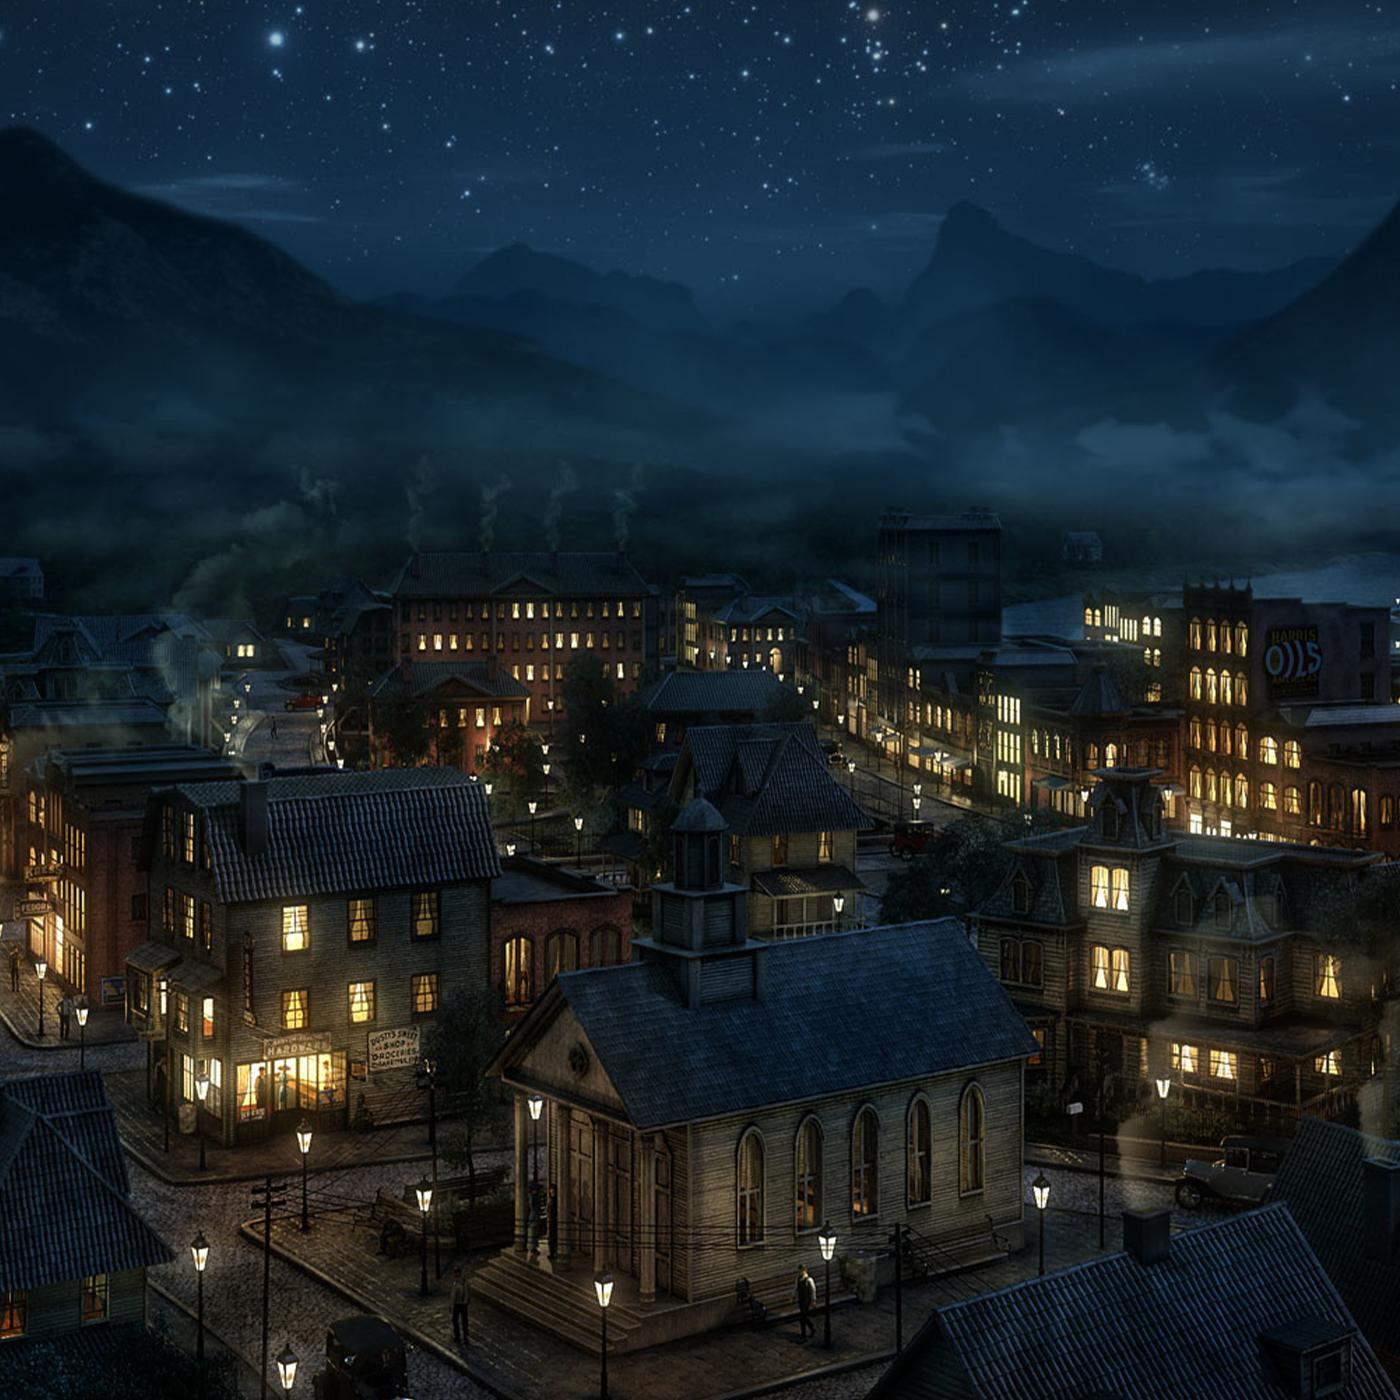 Episode 15: The Strange Locations of the Cthulhu Mythos